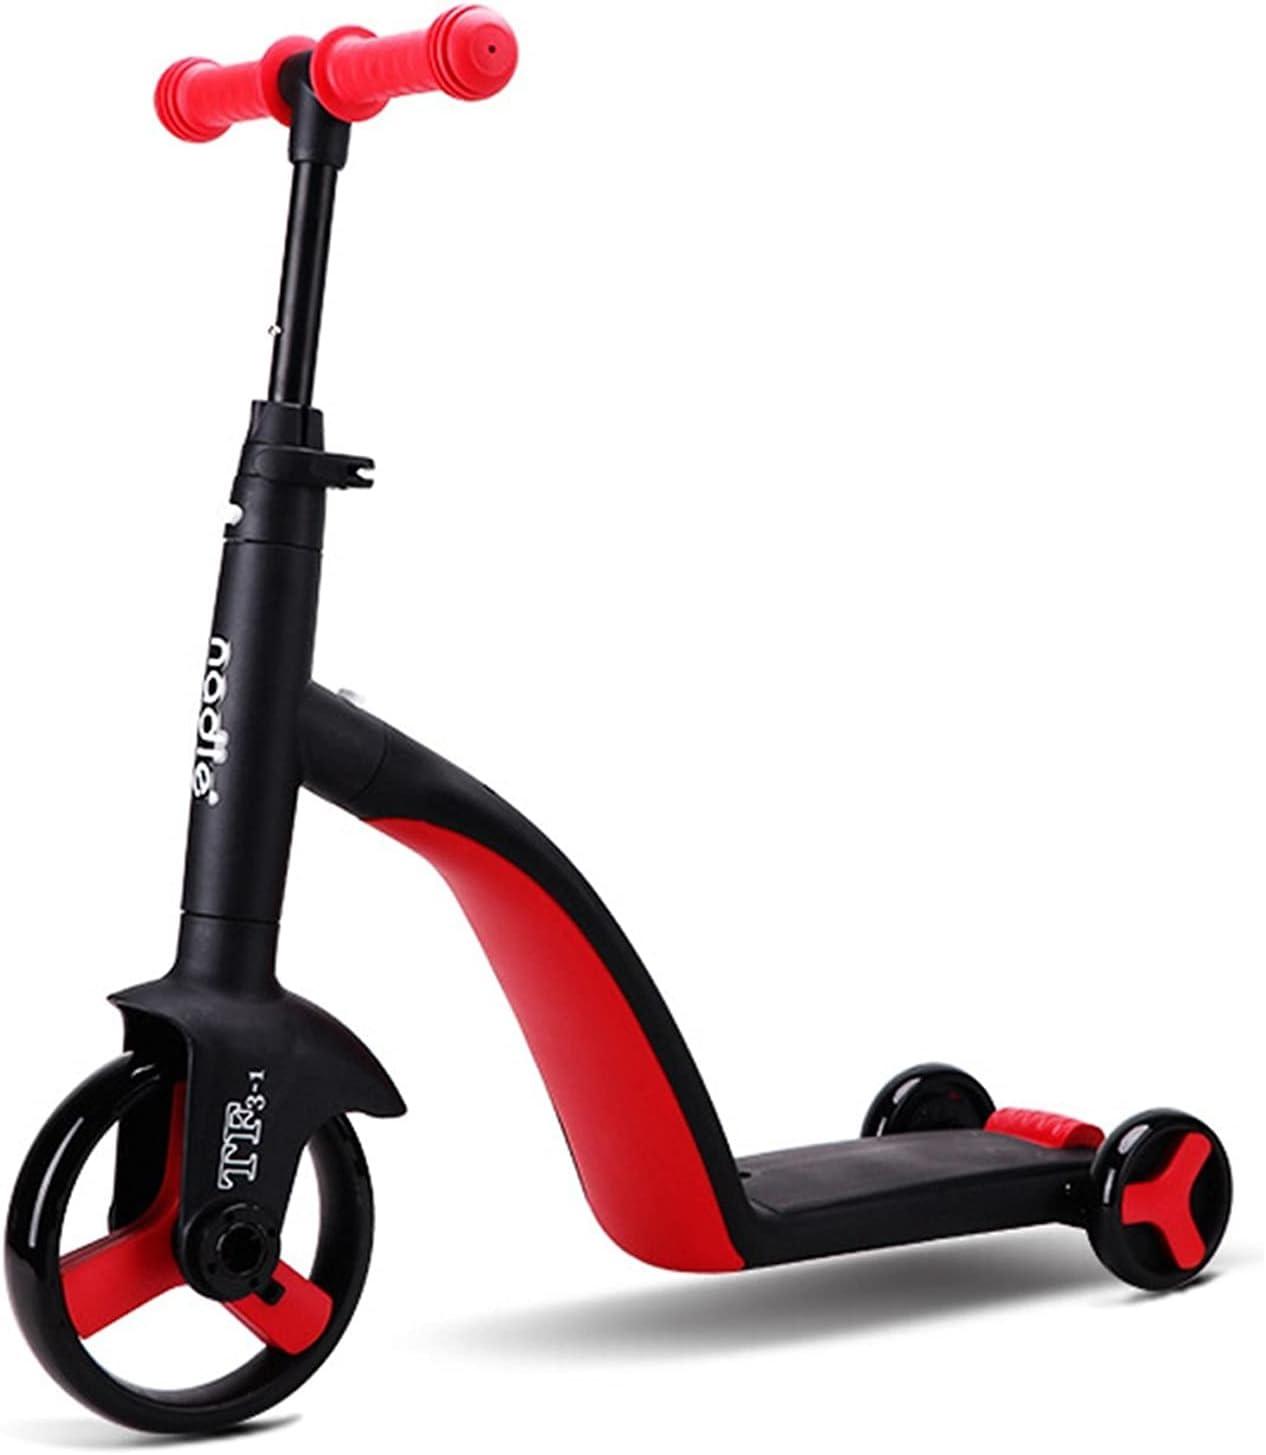 WFF Patada Scooters 3-en-1 Kick Scooter/Balance Bike/Tricycle Indoor/Outdoor Play-on Bike Multifuncional 3 Ruedas para Niños De 3 A 8 Años Sistema de Plegado de liberación rápida (Color : Red)